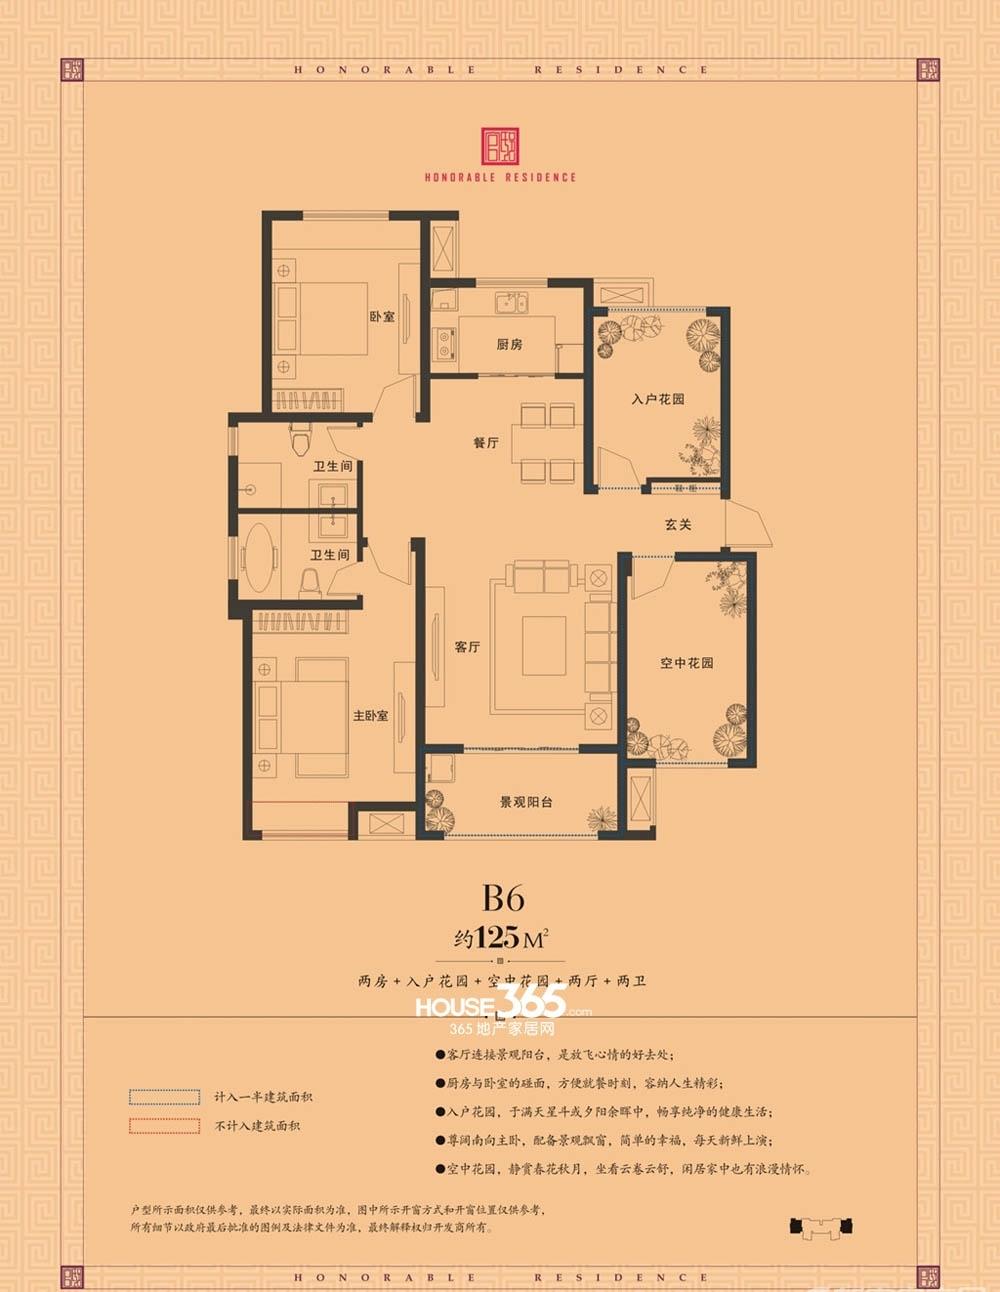 海亮官邸B6户型